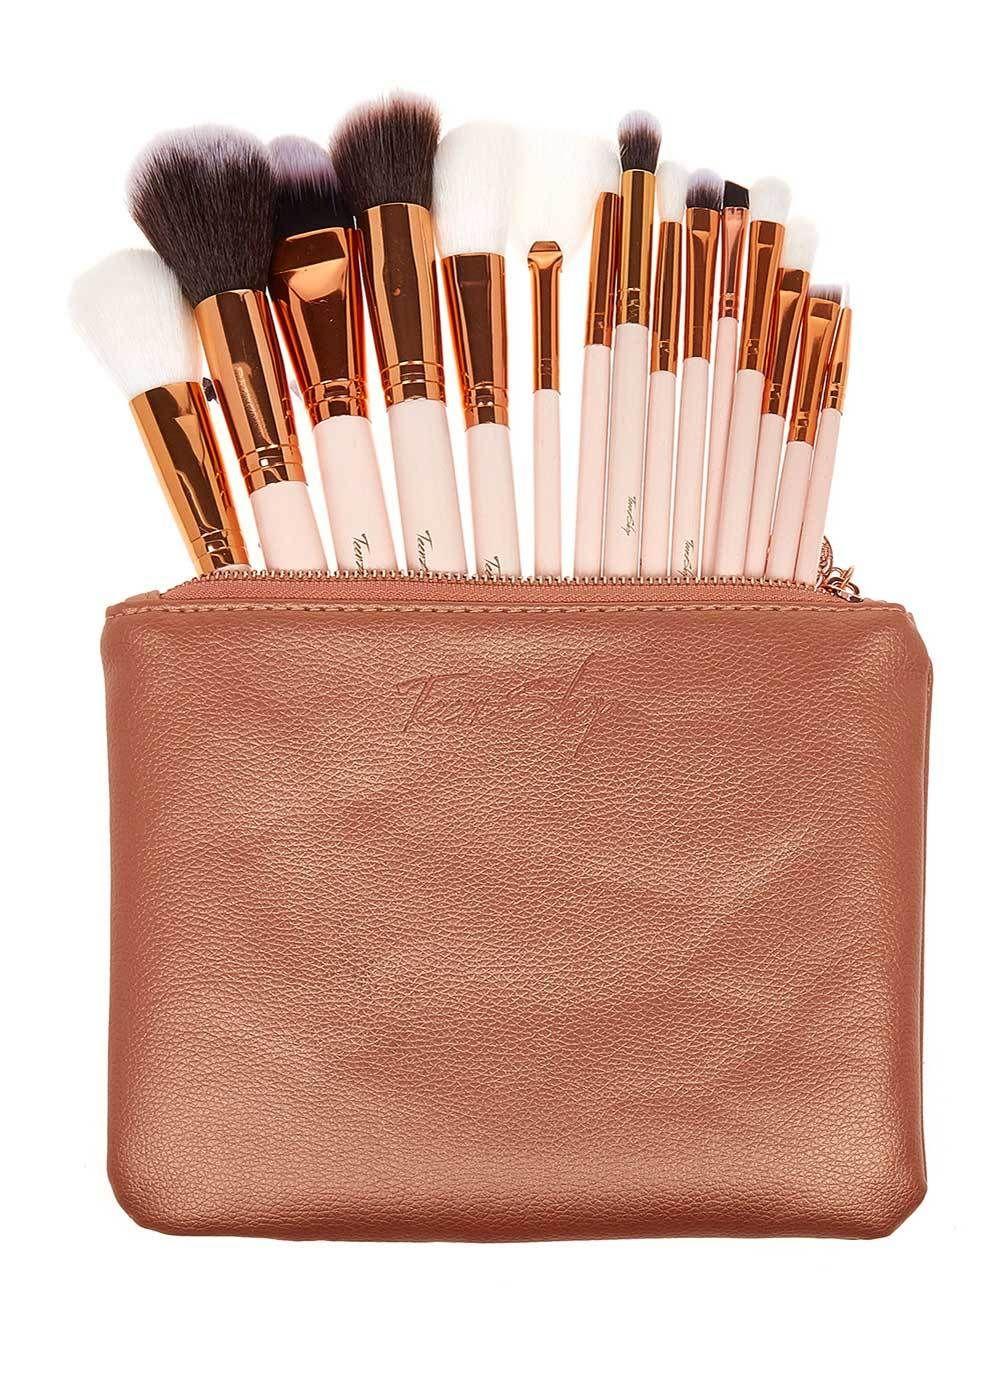 Luxus Roségold Make-up Pinsel Set und Tasche – Roségold